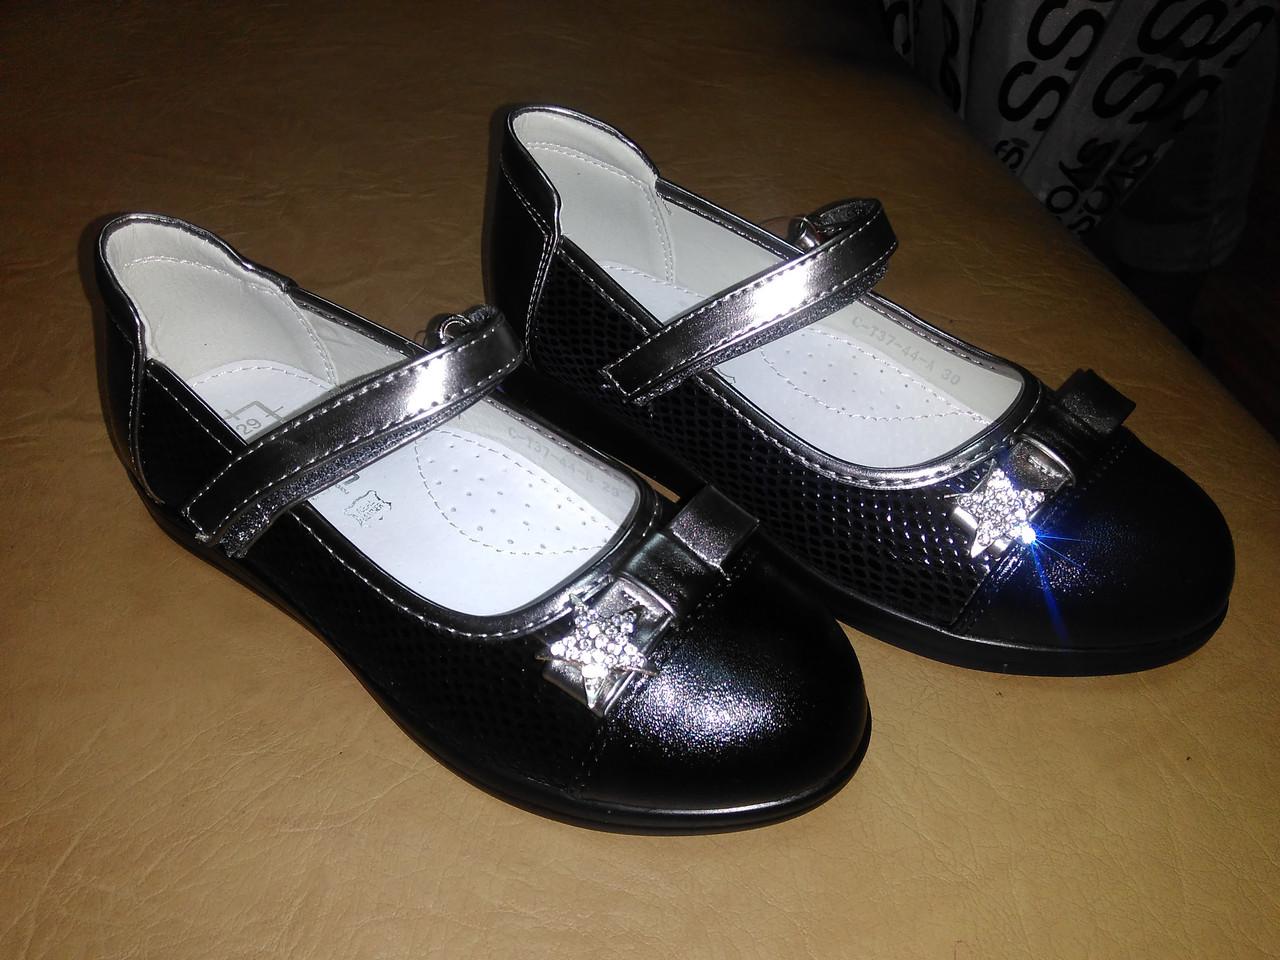 aaec46d2a Туфли 33-38 р. Том.м на девочку черные и синие: продажа, цена в ...